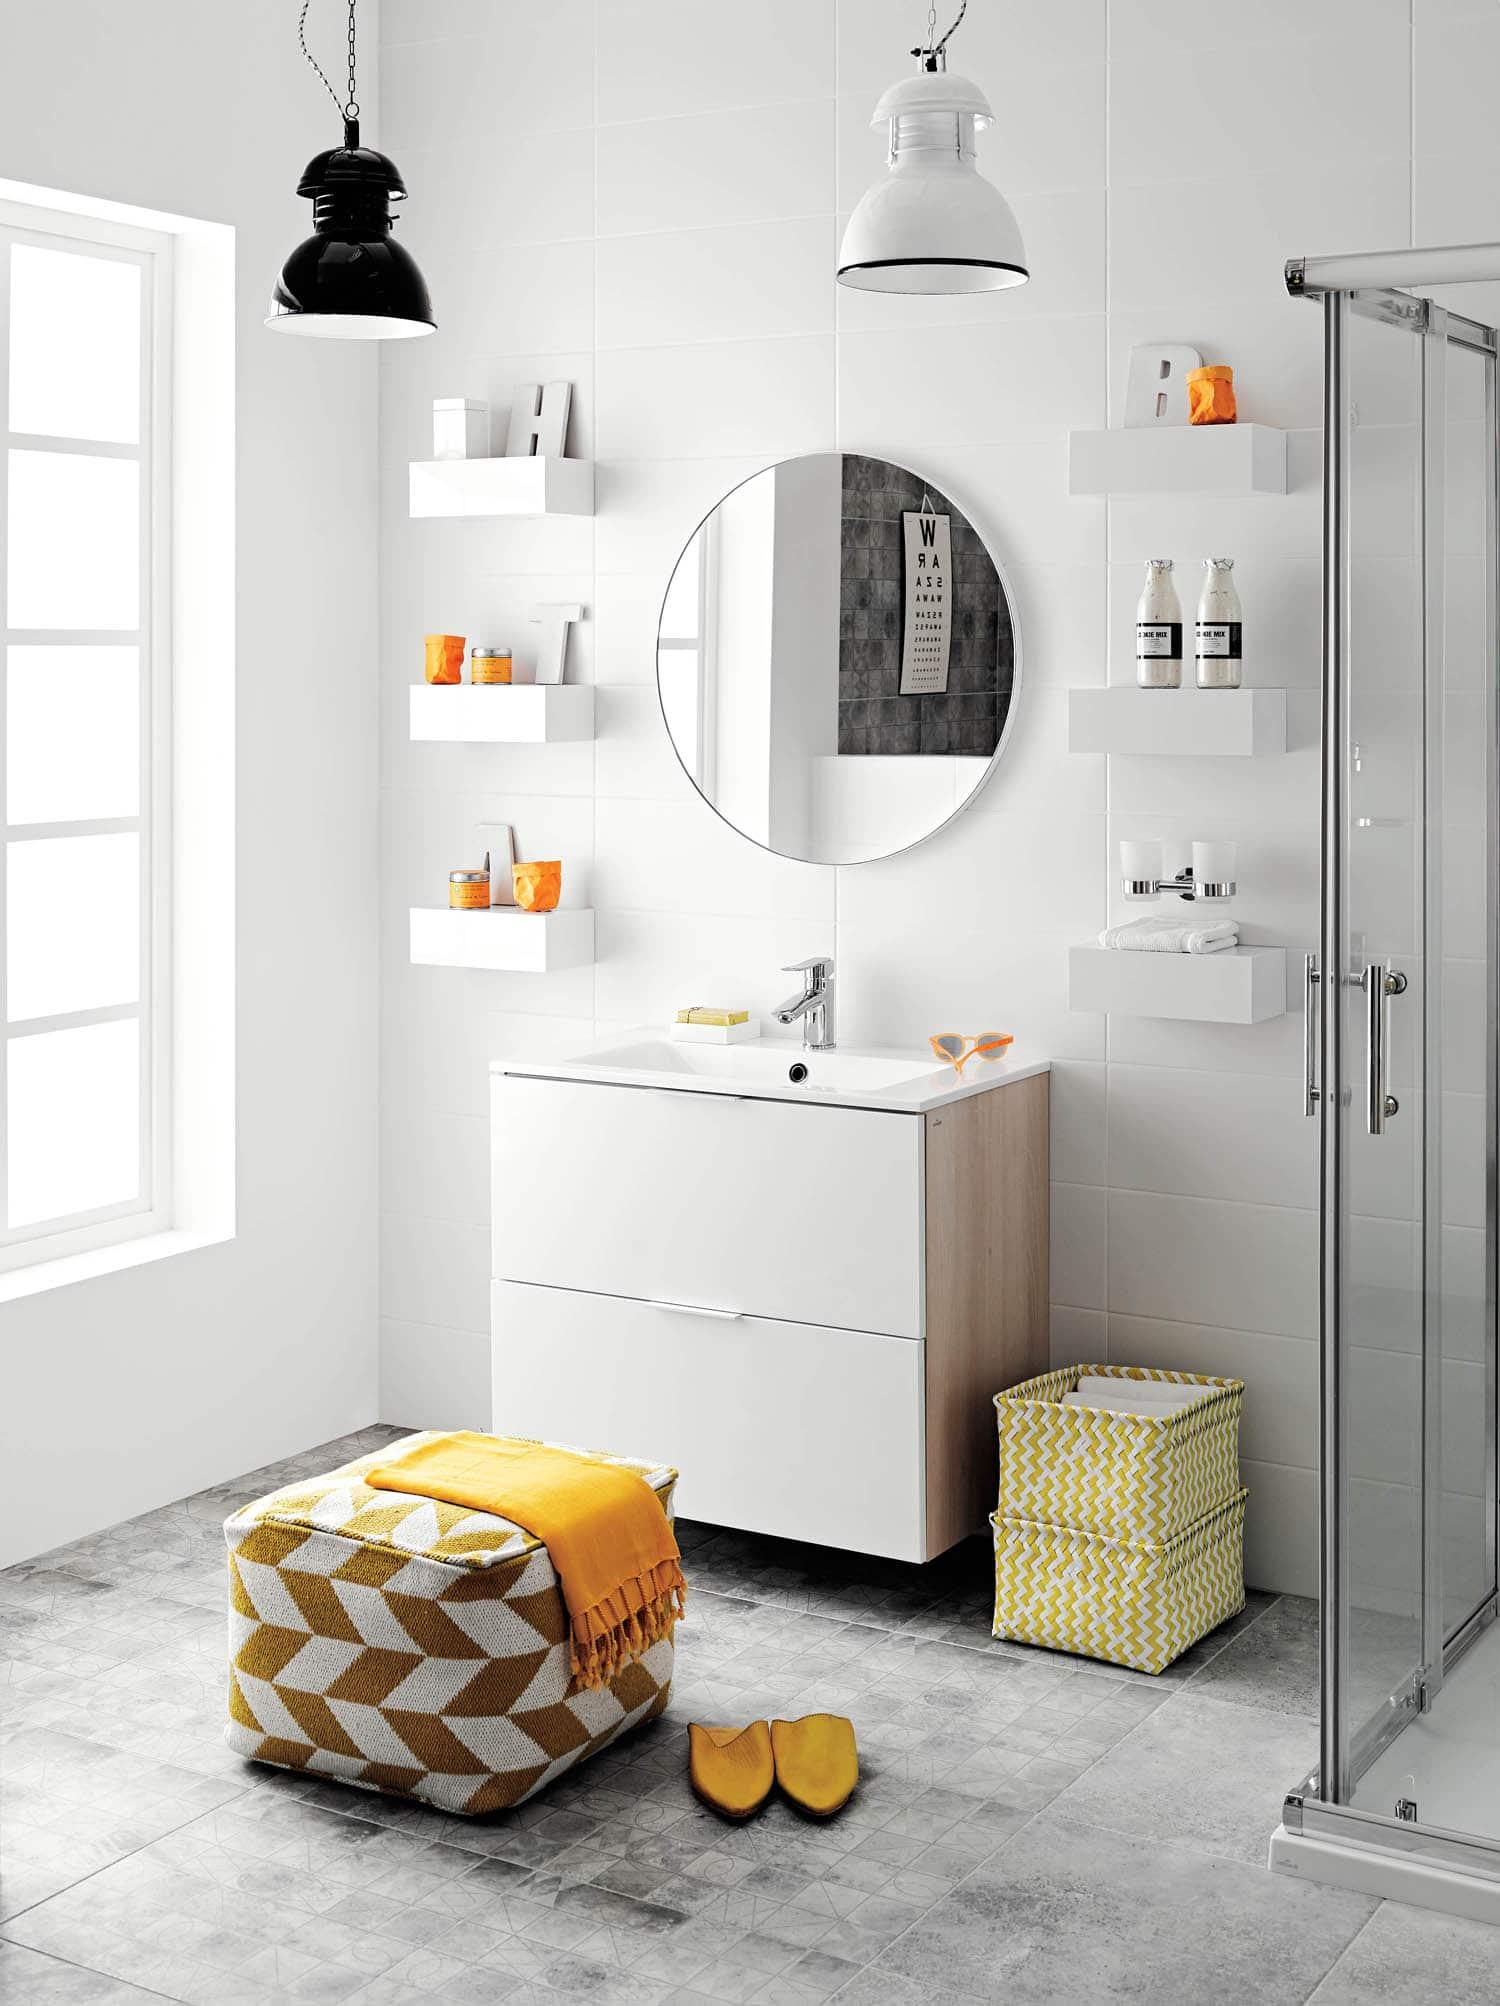 Łazienka w bieli z żółtymi dodatkami